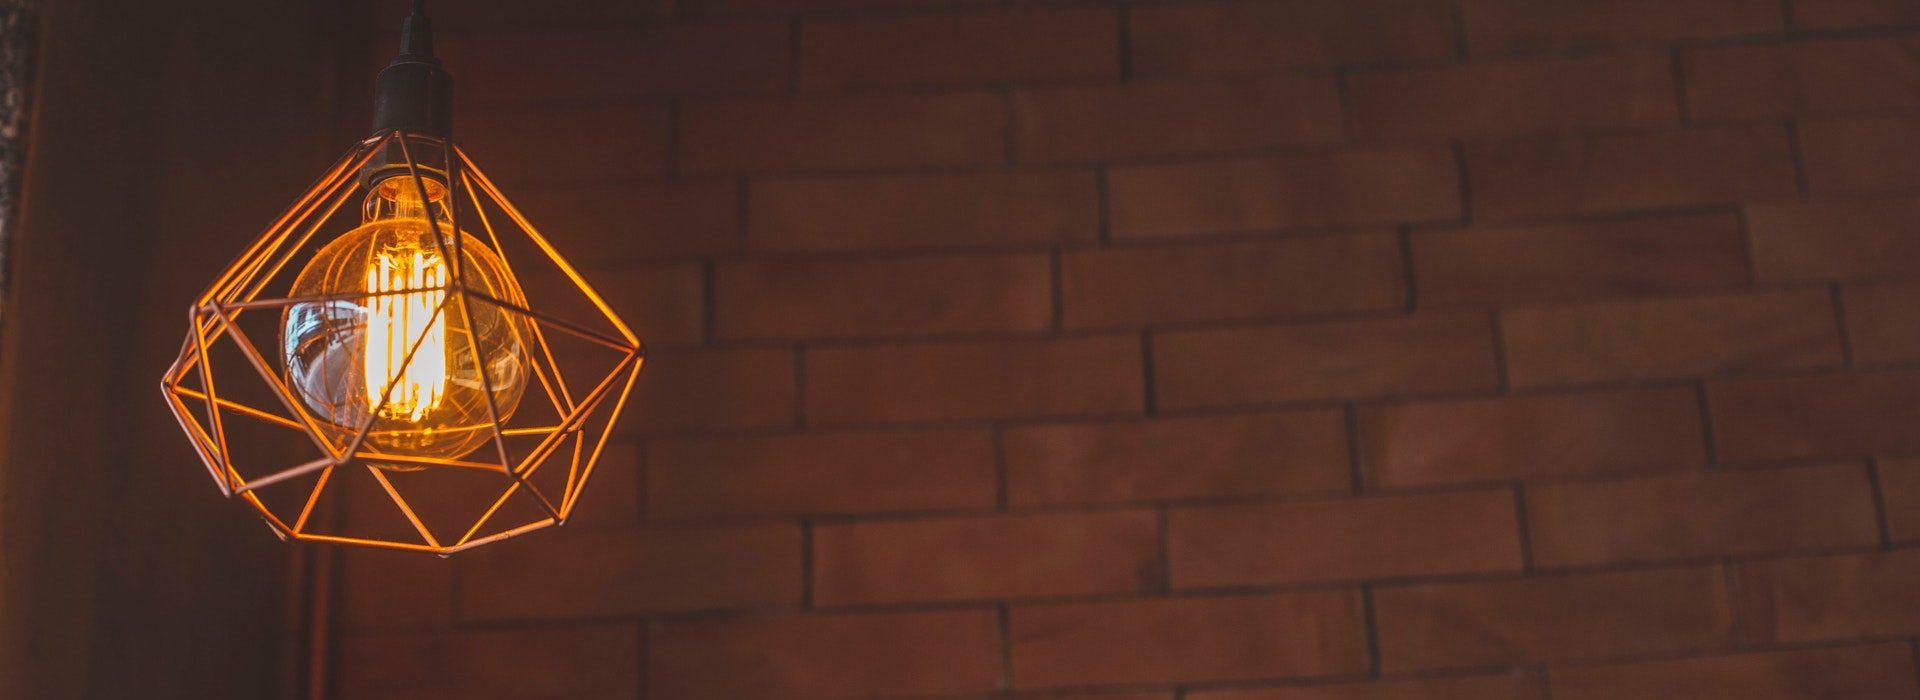 lightbulb banner